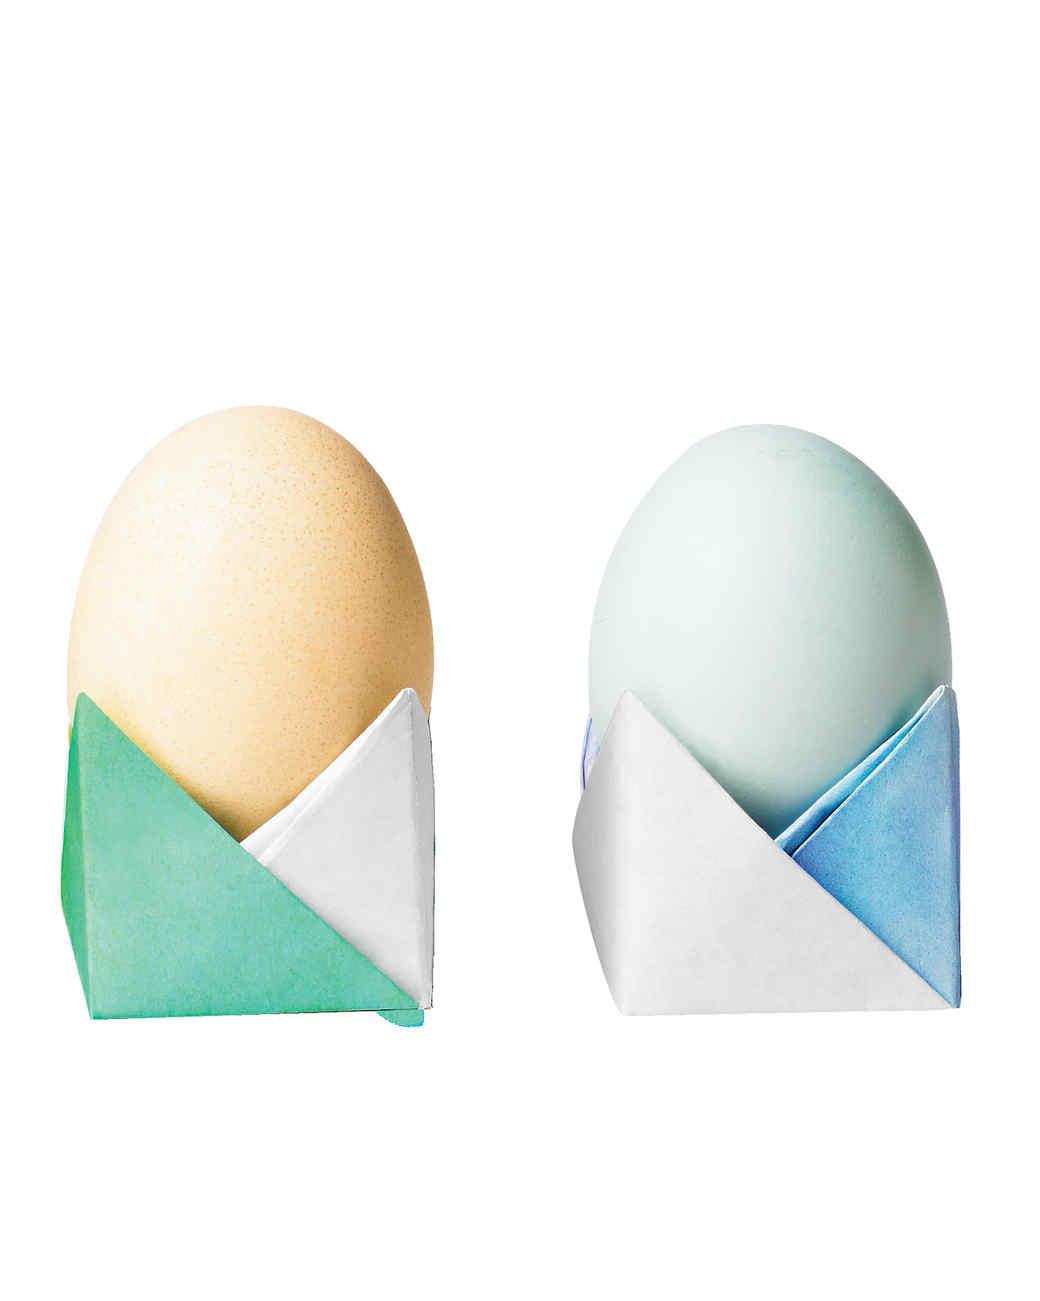 origami-egg-holder-057-d111784.jpg